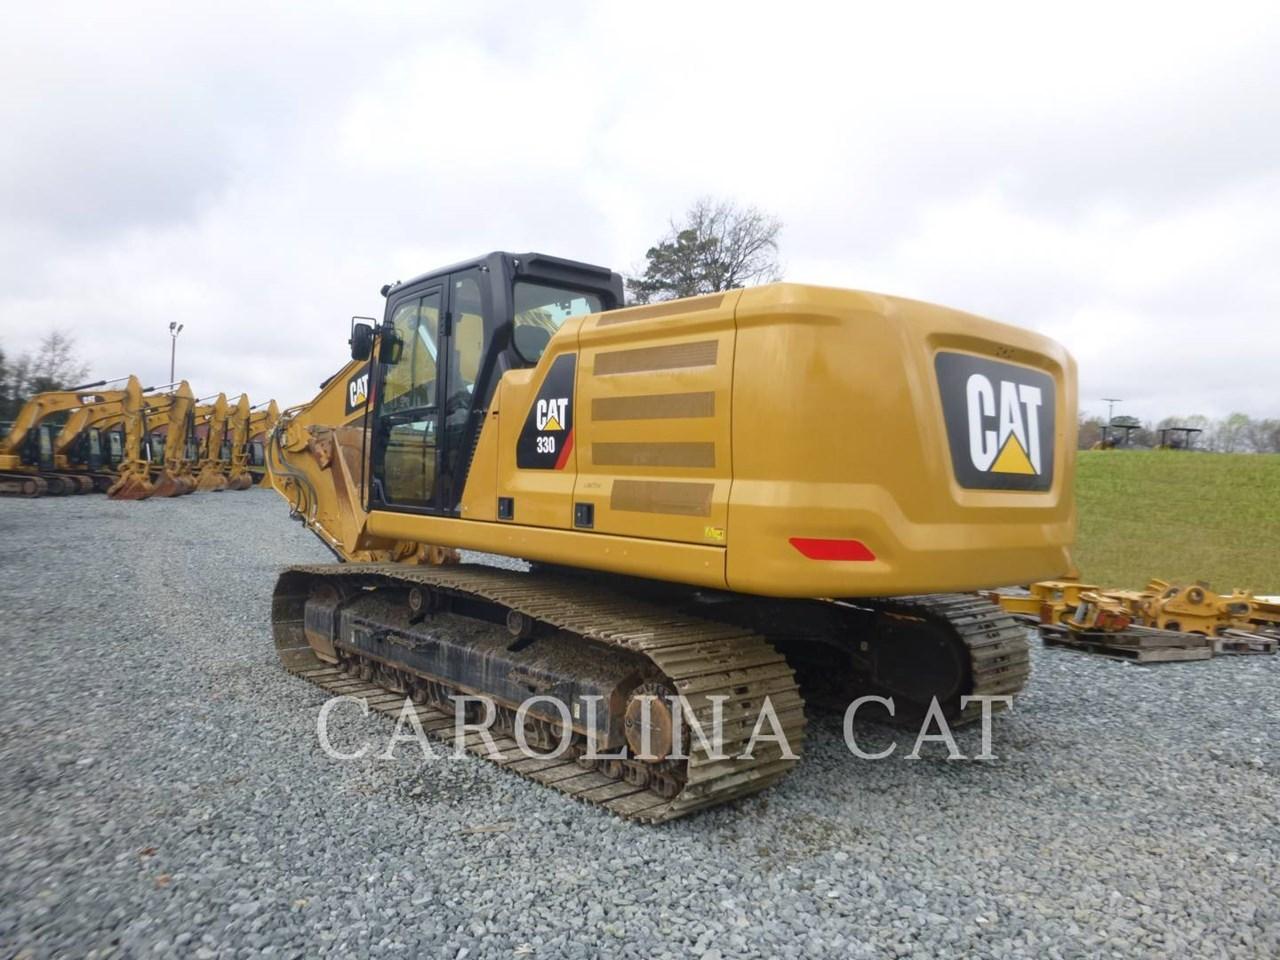 2019 Caterpillar 330 Image 4